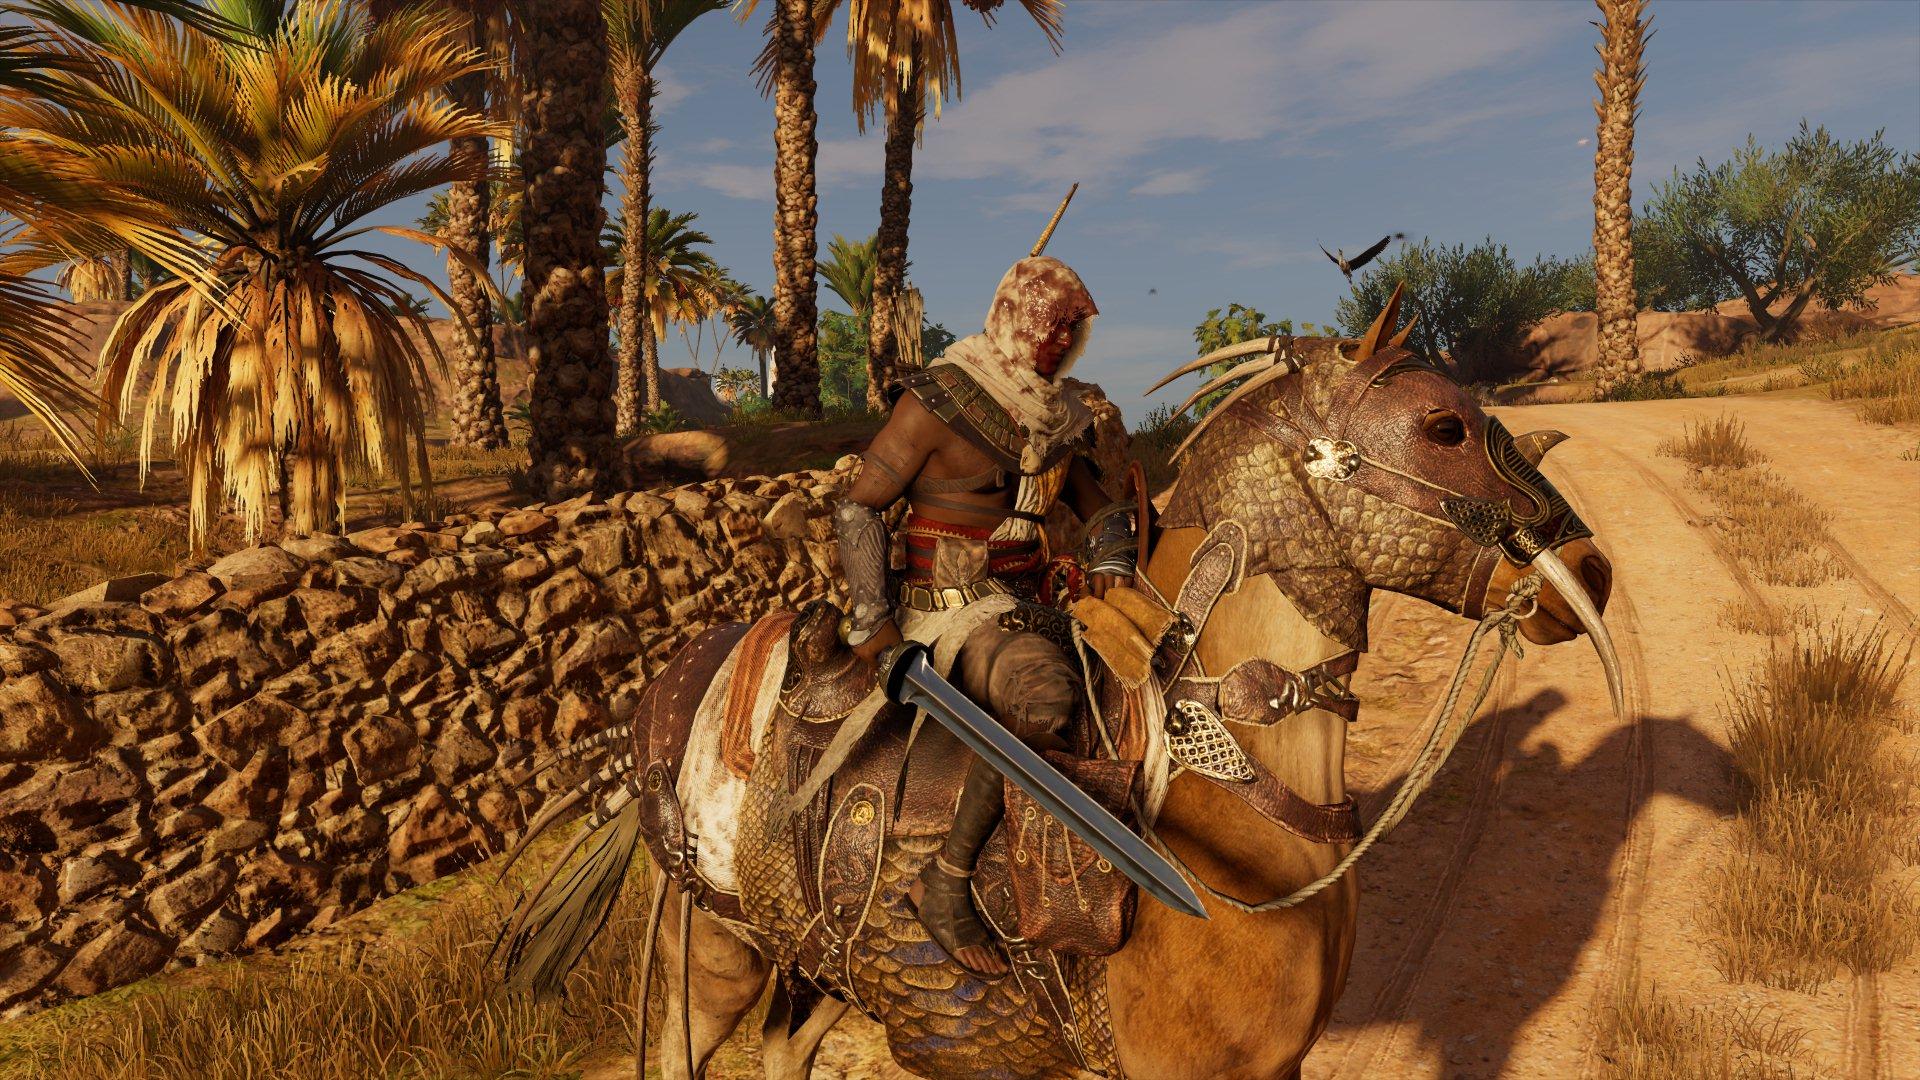 00010.Jpg - Assassin's Creed: Origins